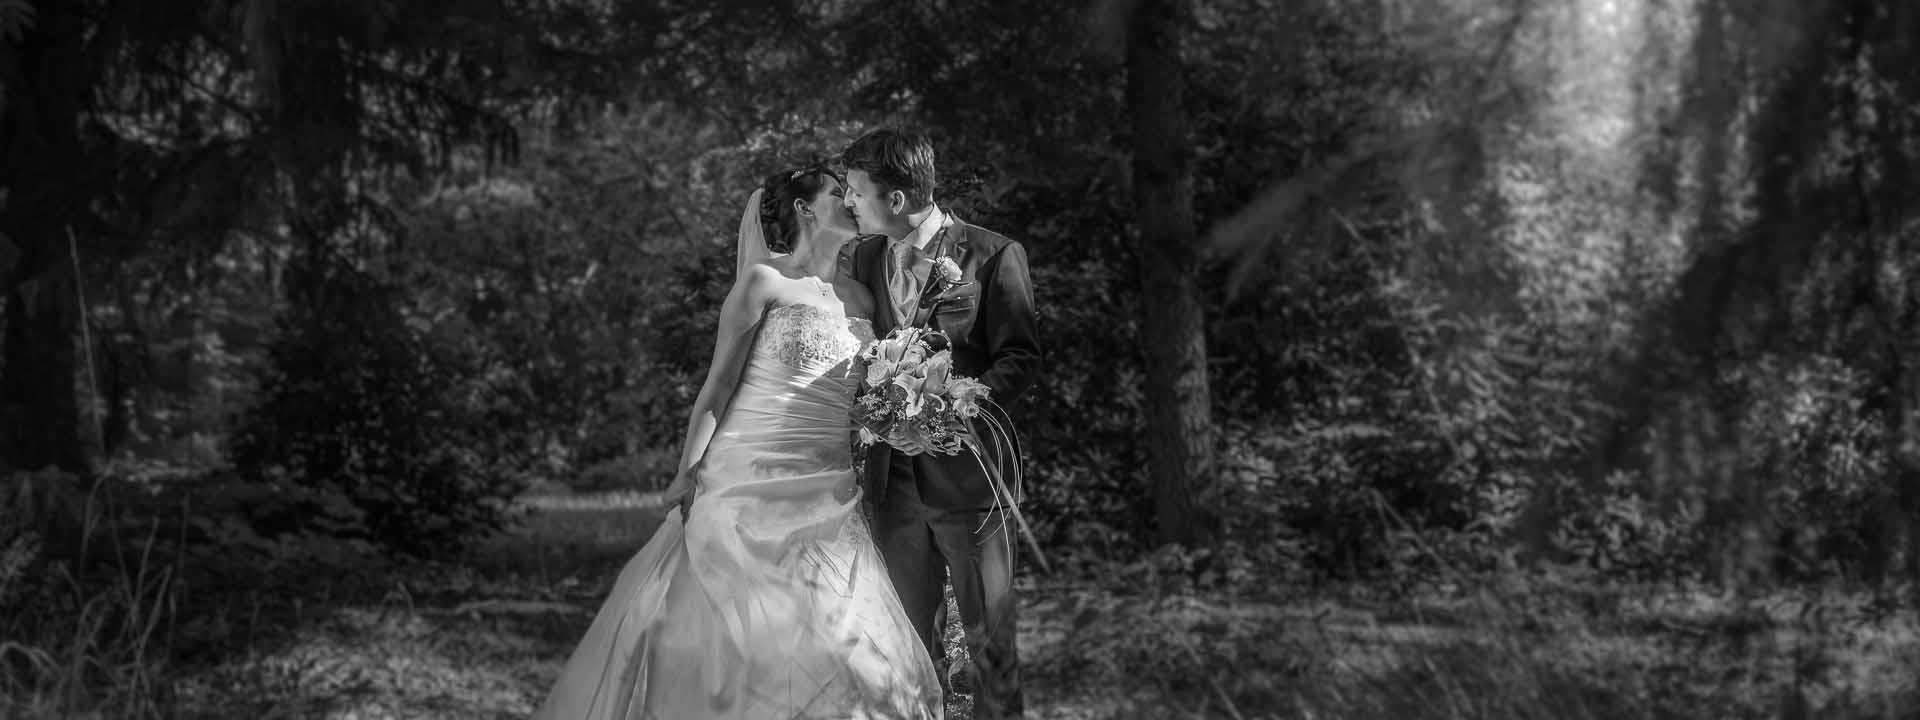 Brautpaar auf Waldlichtung